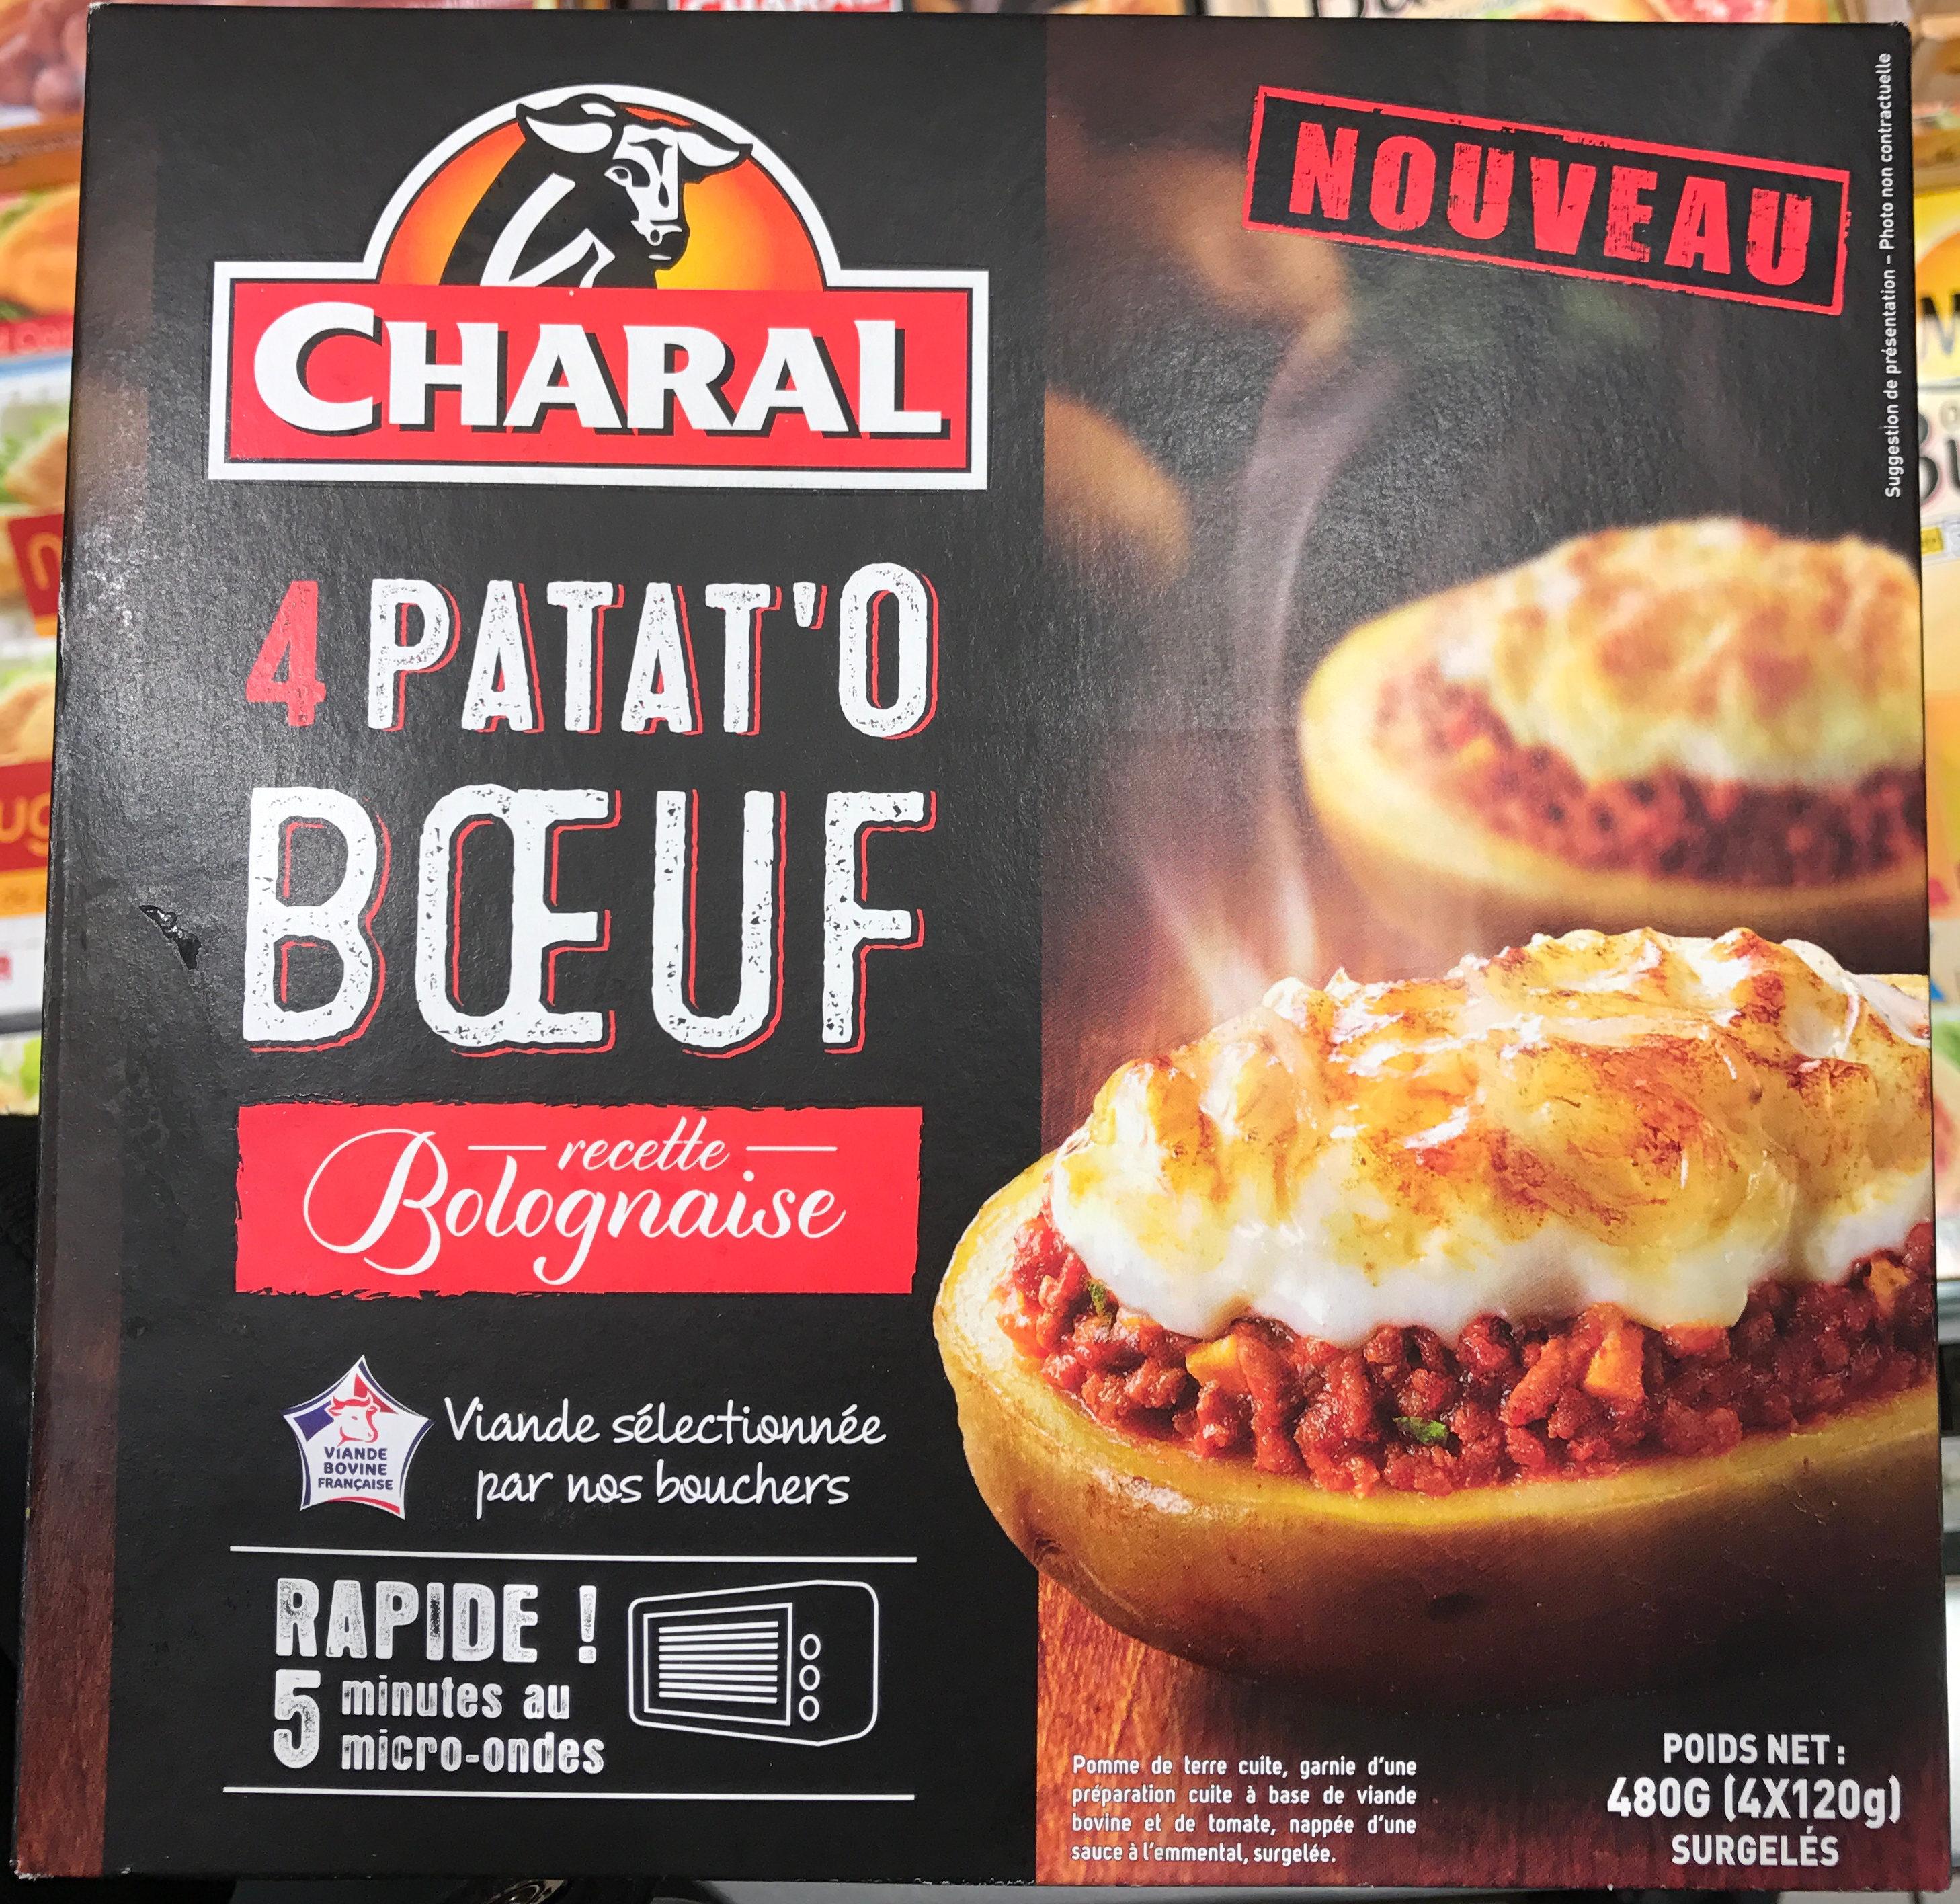 4 Patat'O Boeuf recette Bolognaise - Produit